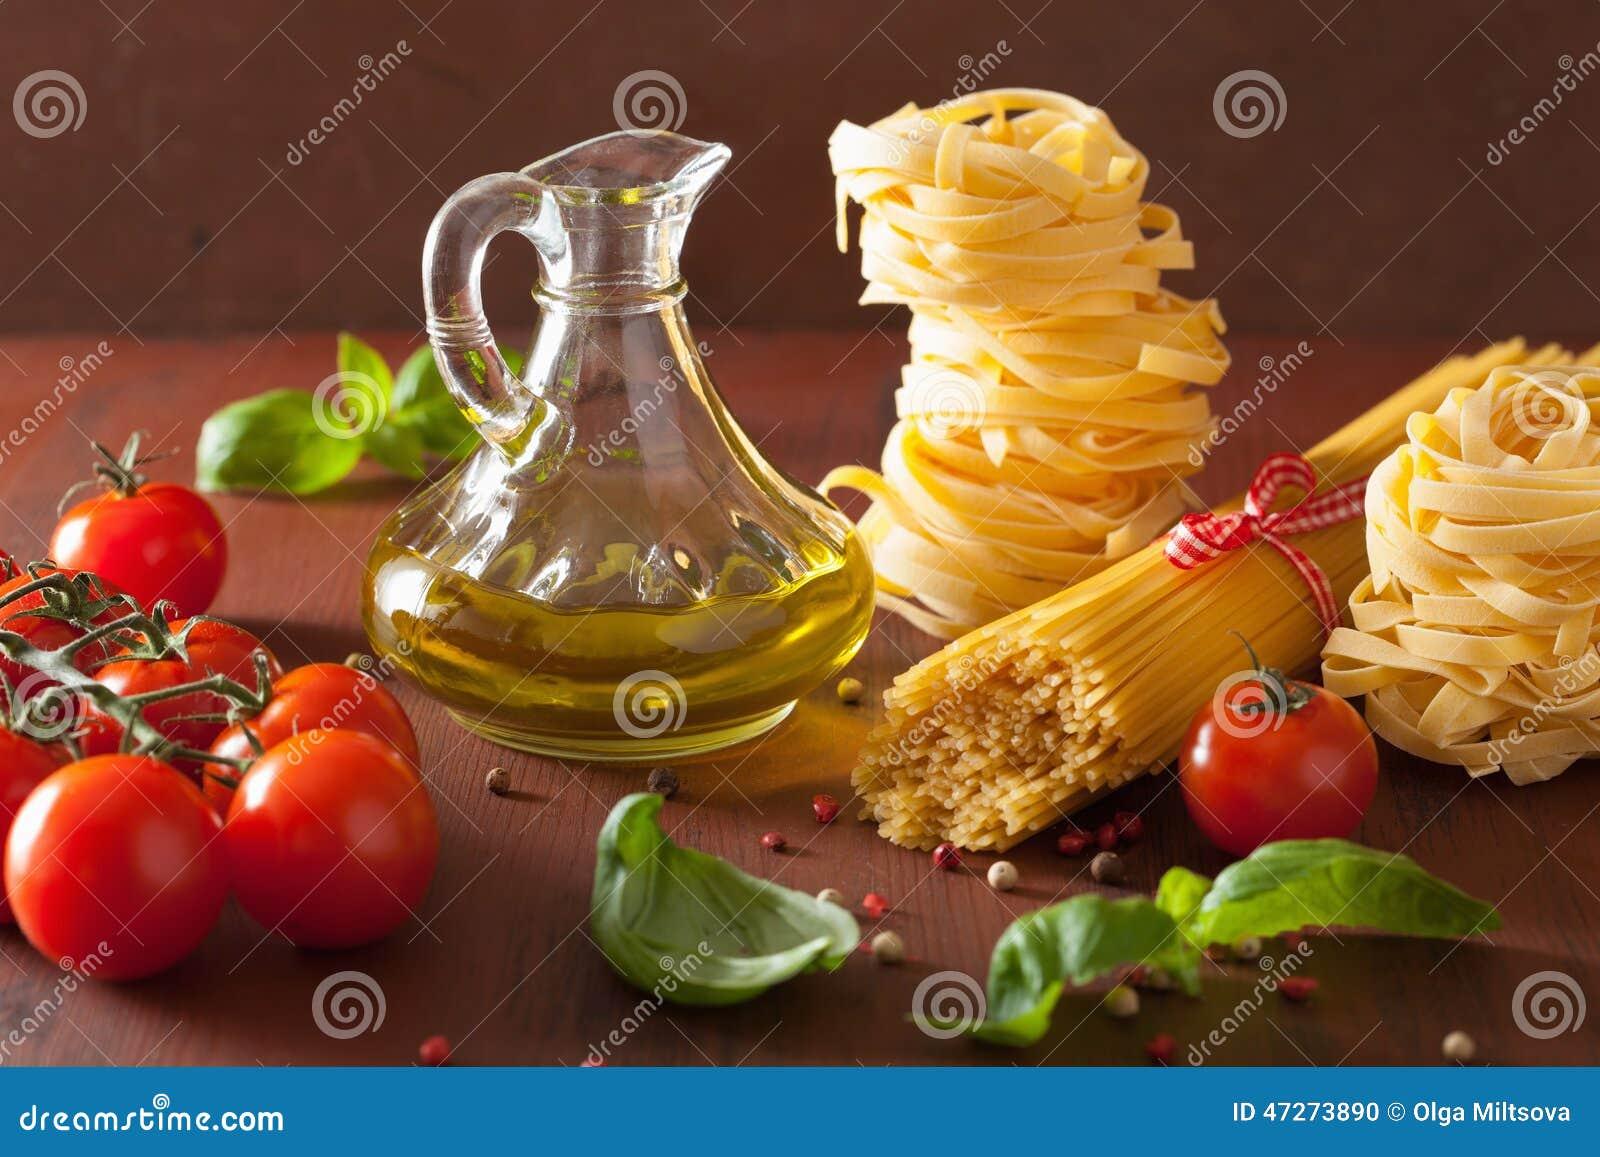 Pomodori Crudi Dell'olio D'oliva Della Pasta Cucina Italiana In Cucin  #BC230F 1300 957 Immagini Di Cucina E Soggiorno Insieme